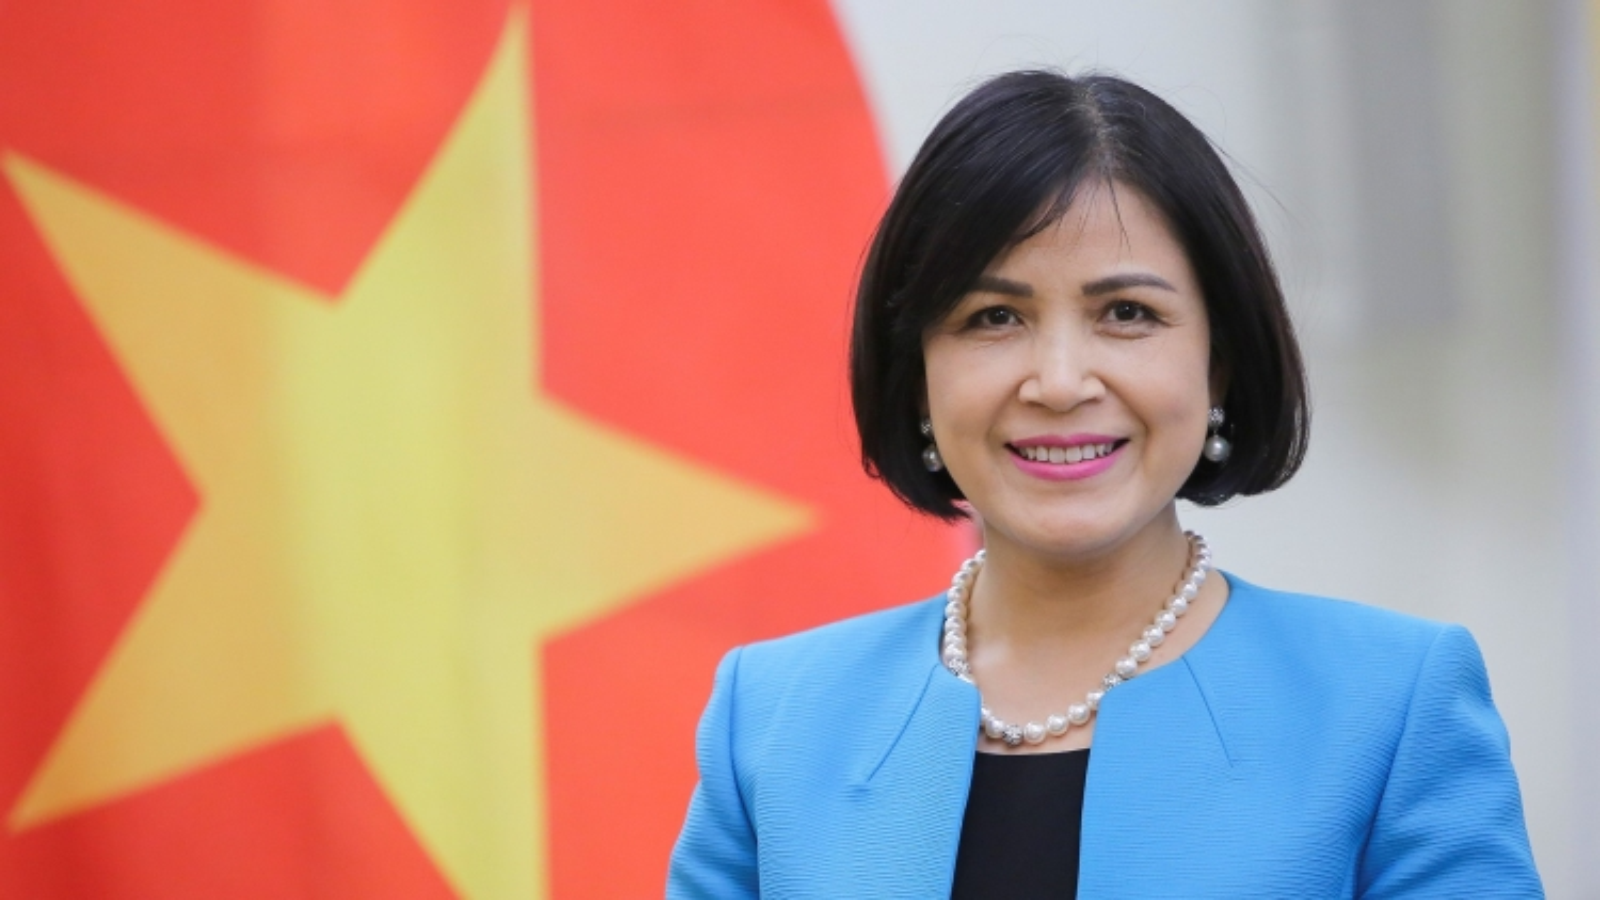 Việt Nam nỗ lực cao nhất để người dân được thụ hưởng các quyền con người cơ bản